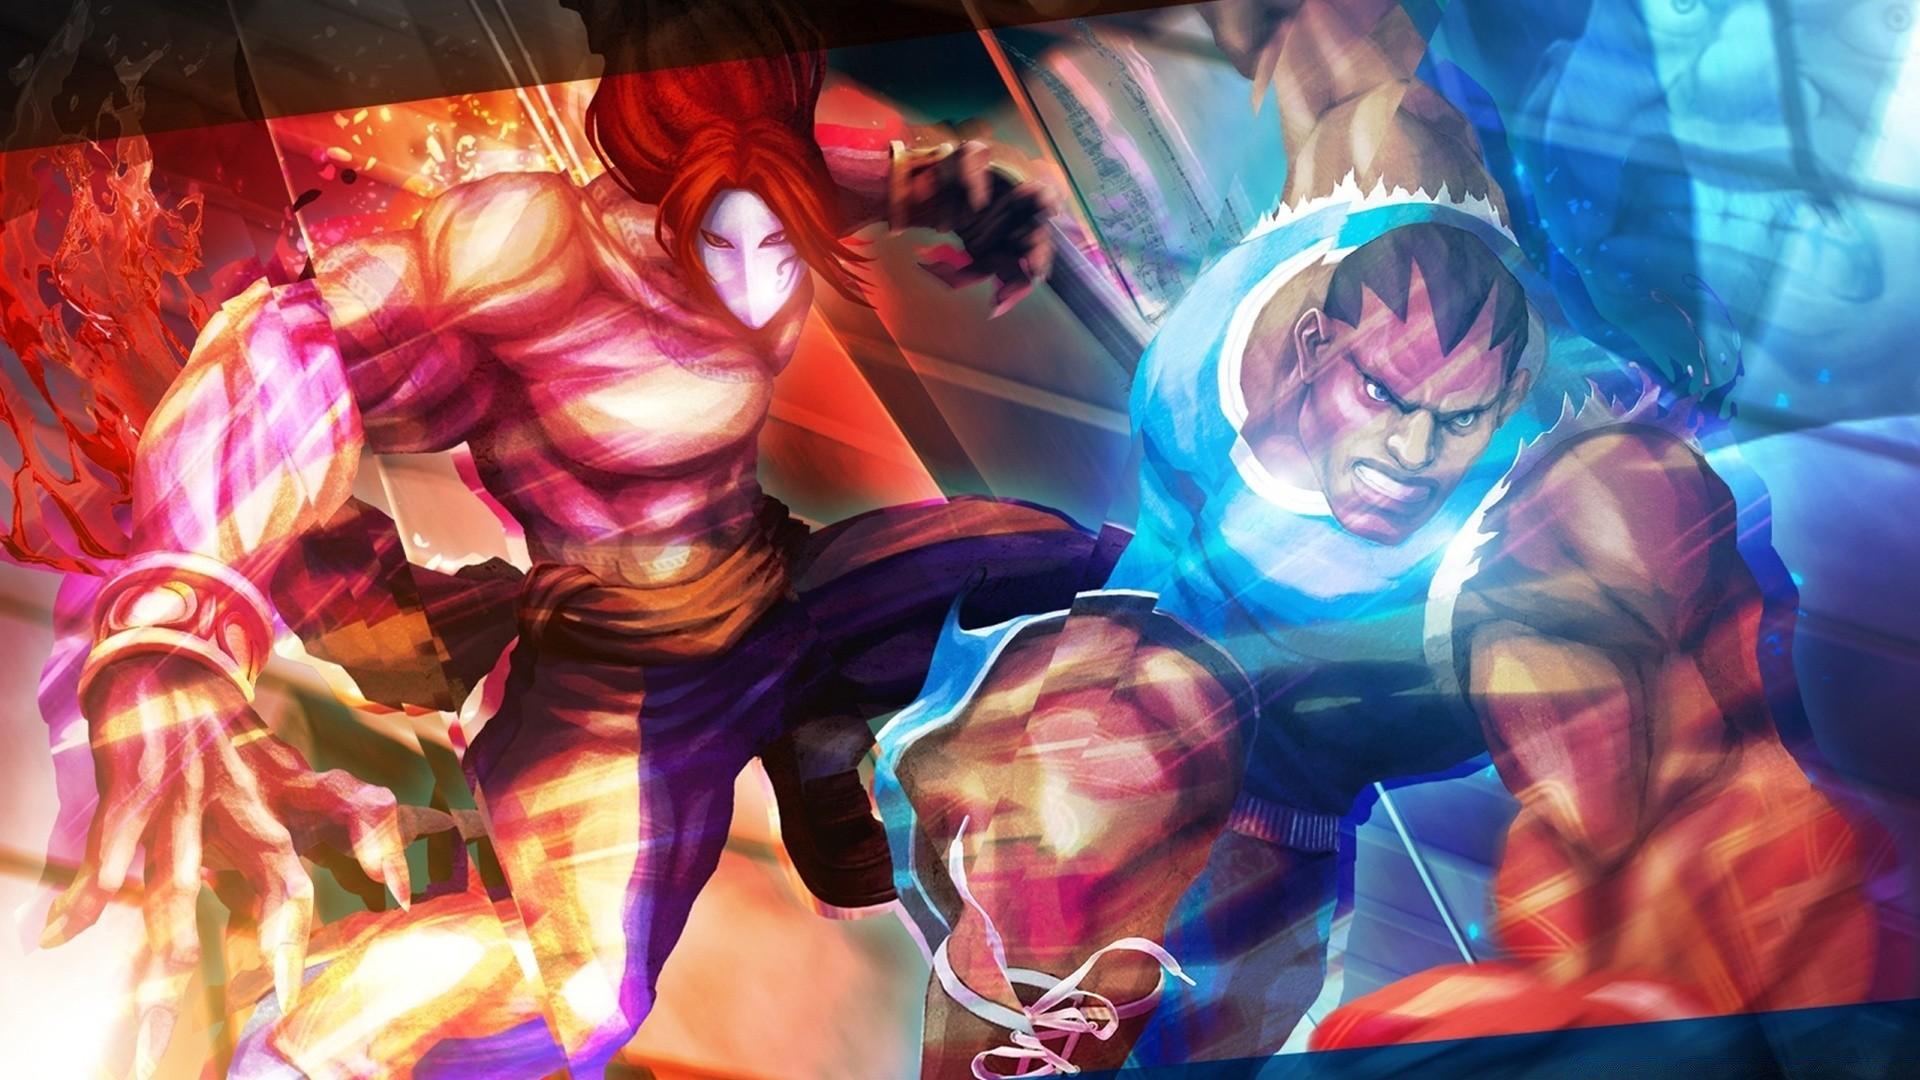 Street Fighter X Tekken Vega Balrog Phone Wallpapers